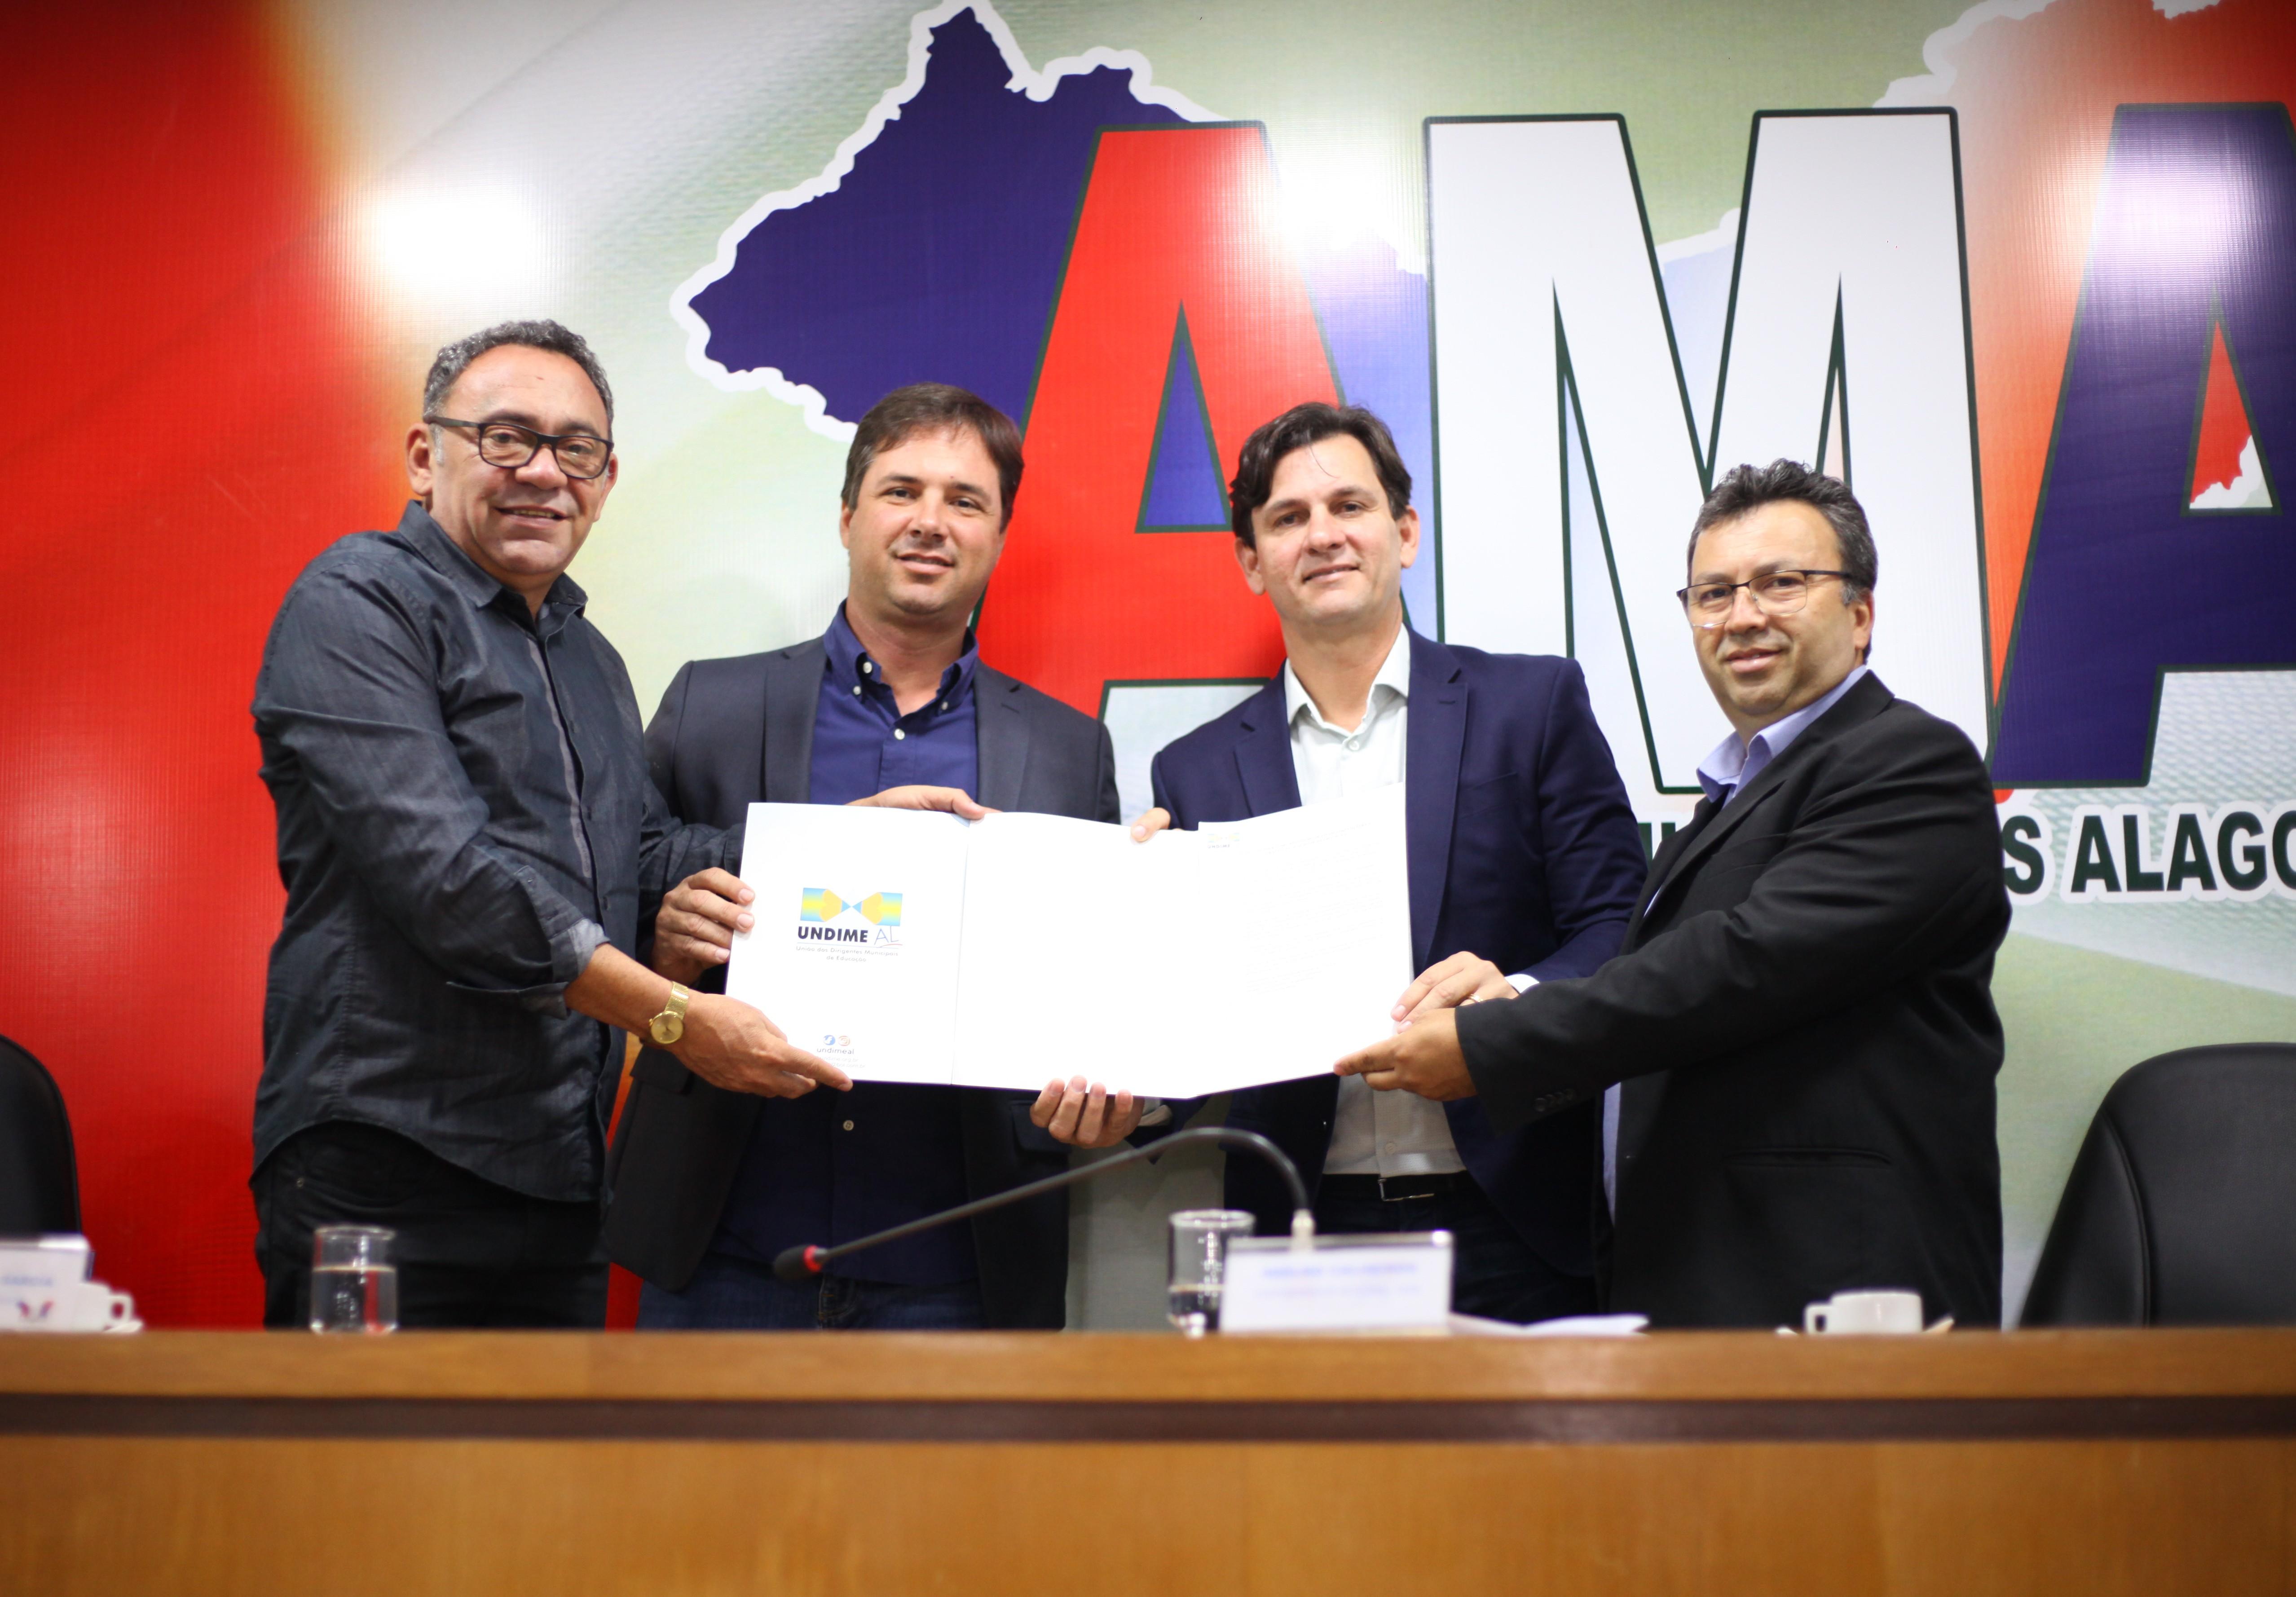 Undime pede apoio aos municípios alagoanos e reafirma defesa ao Novo Fundeb